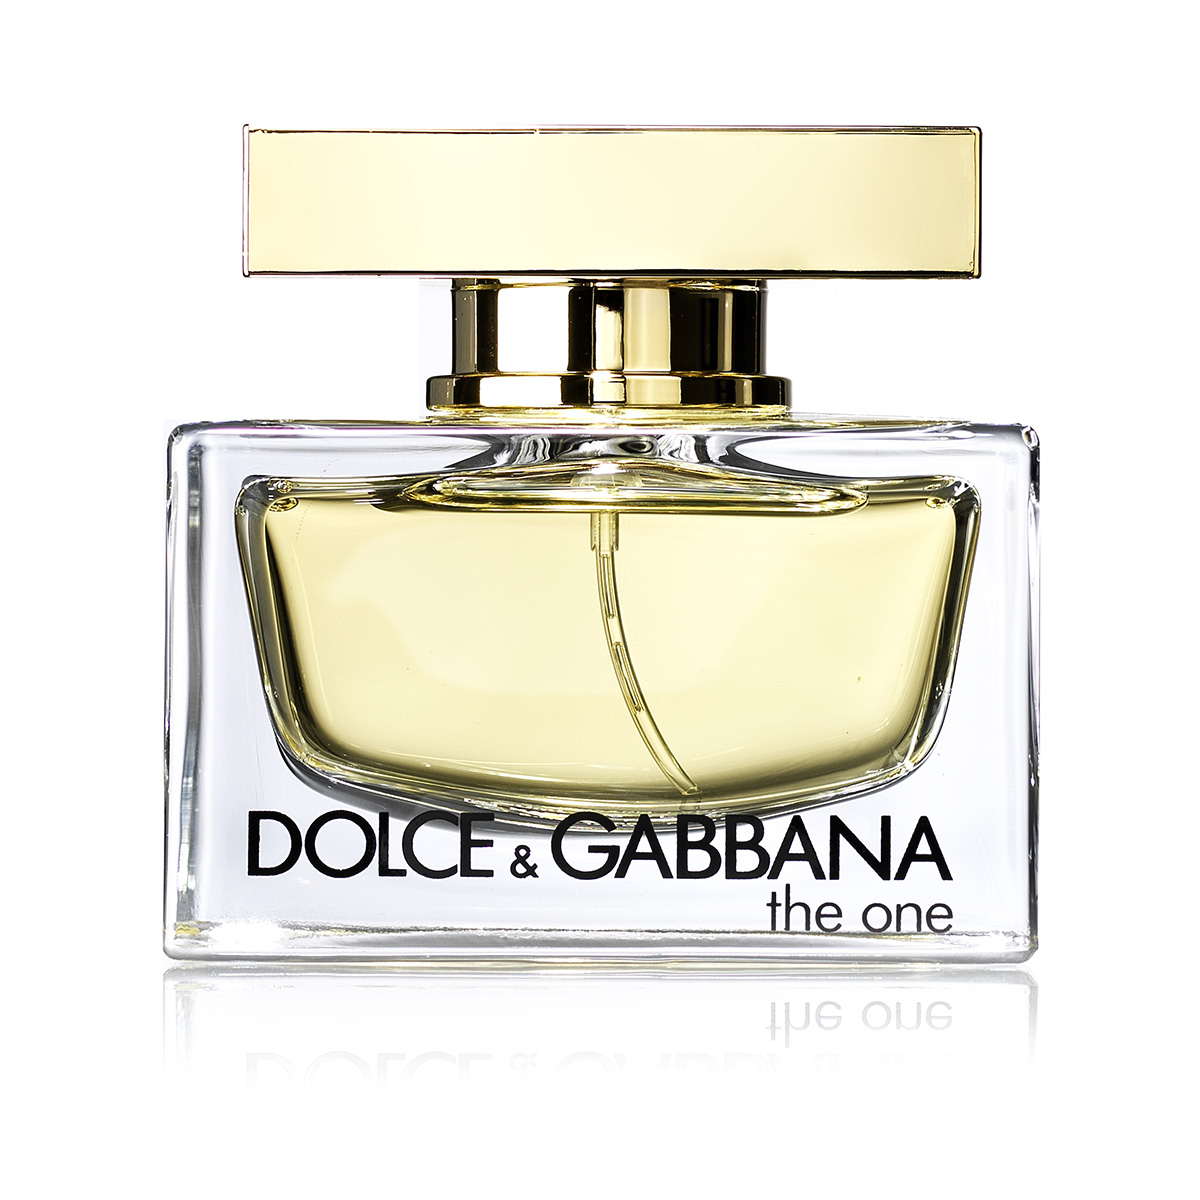 Dolce & Gabanna The One For Women EdP - 50 ml